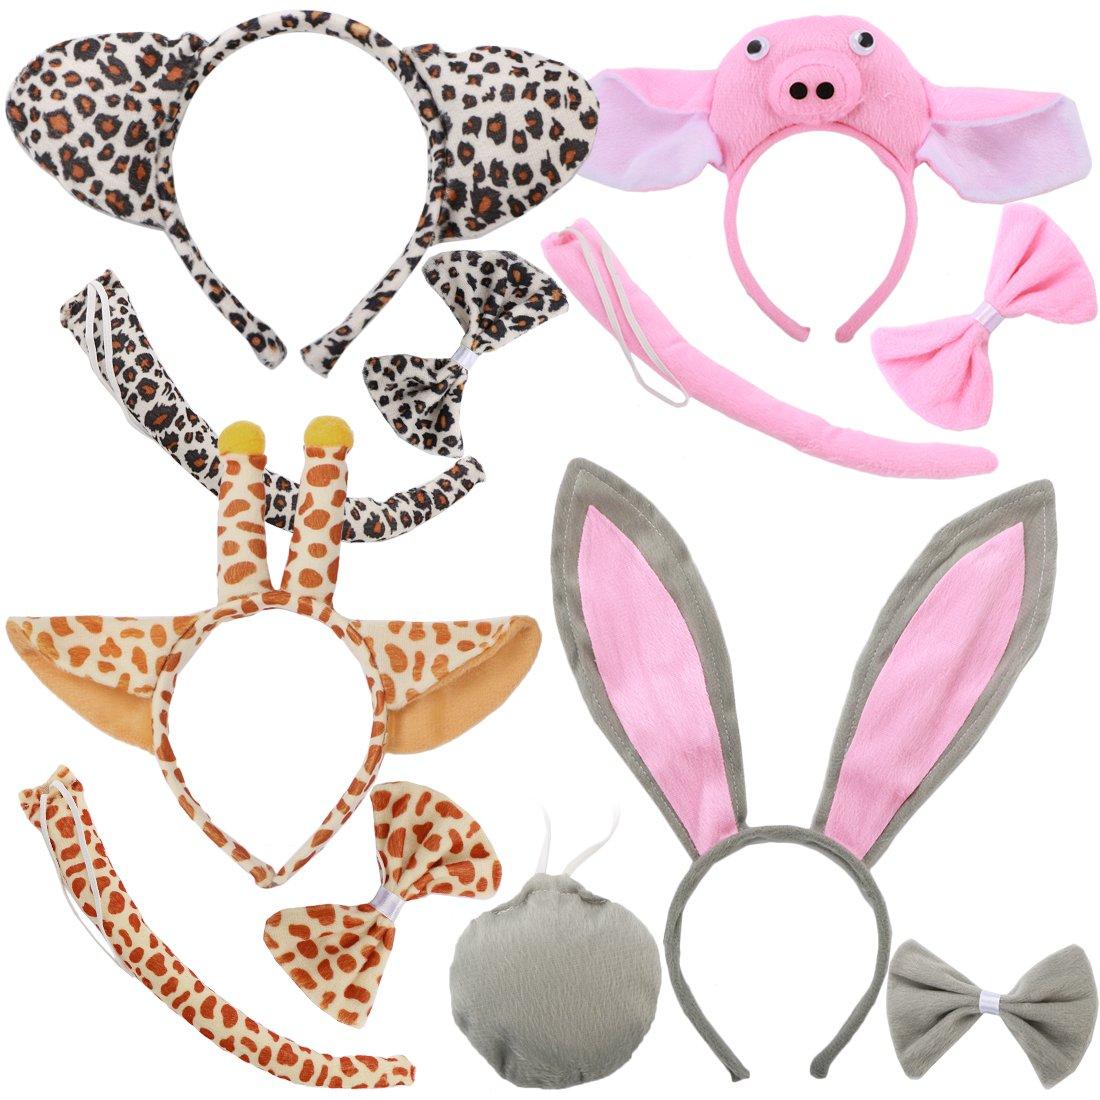 kilofly 4 Sets Kids Animal Ear Headband Bowtie Tail Cartoon Costume Party Favors